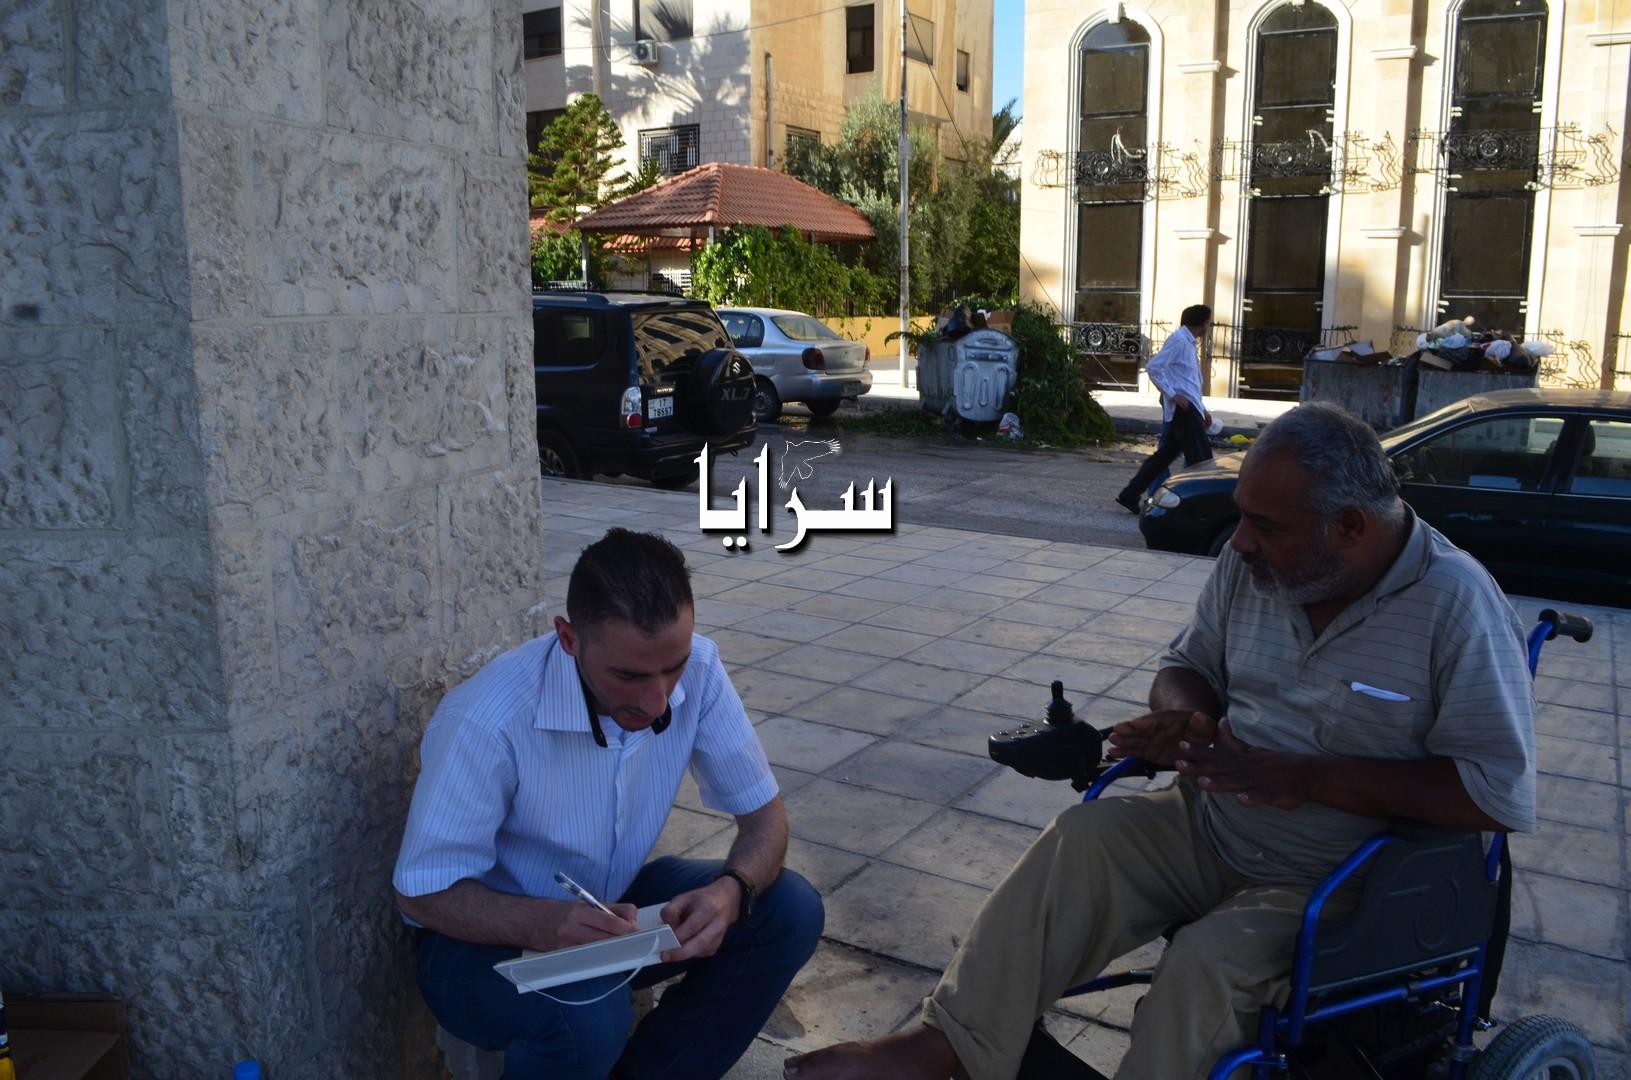 """بالصور  ..  قصة مكافح اردني تحدى اعاقته بالعمل و الاصرار  ..  اكره المفاصلة و التبخيس و أطمح بامتلاك """" كشك """""""